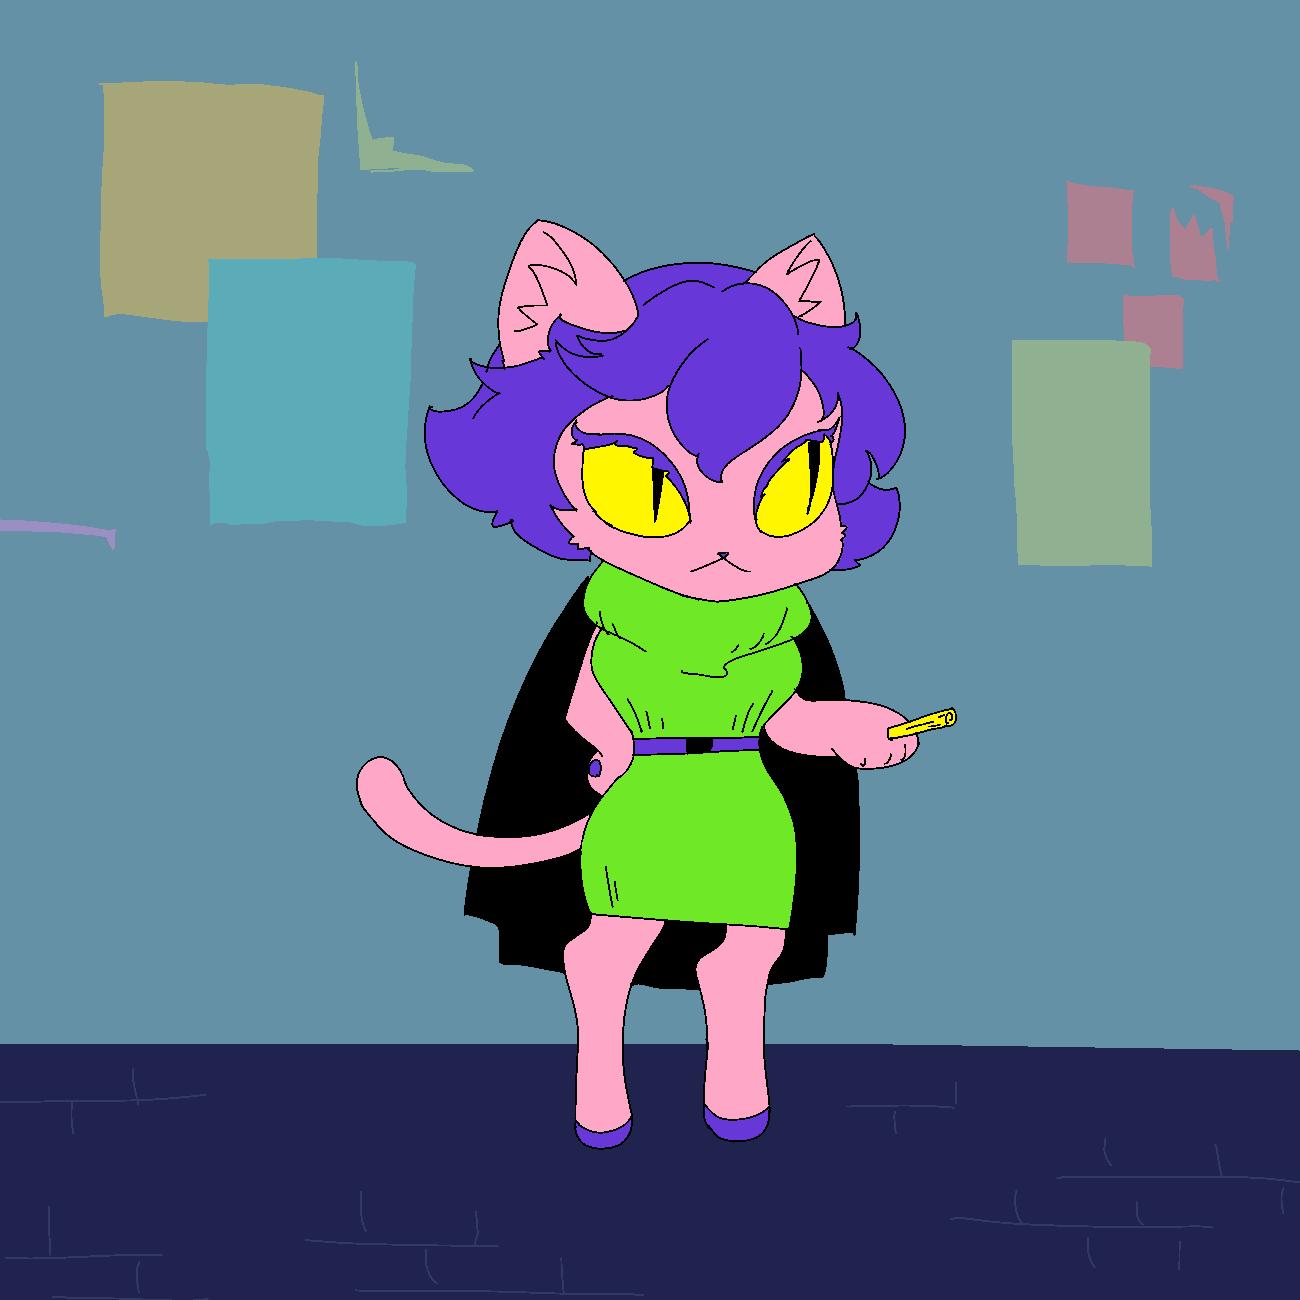 裏路地で手に持っているまたたびに火をつけると情報を教えてくれる系猫